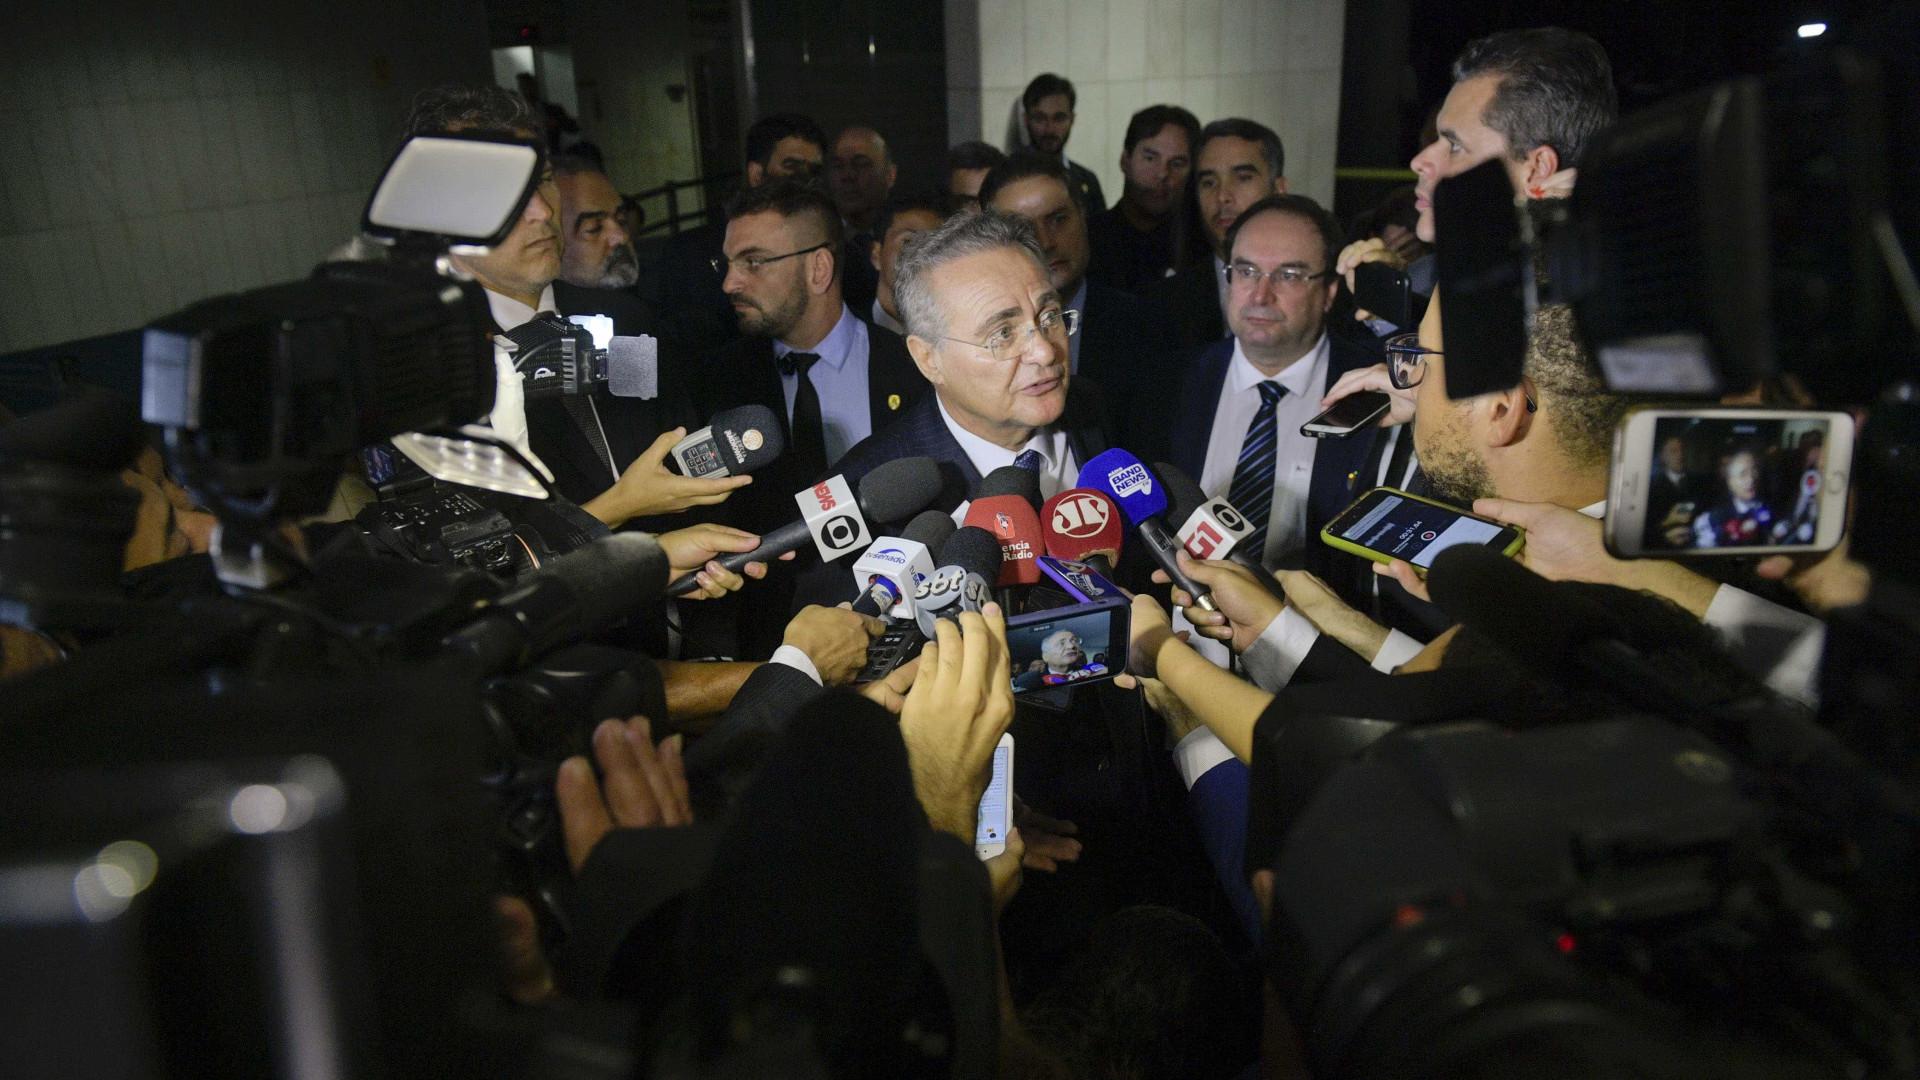 Alcolumbre veta Renan e mais quatro para Mesa Diretora do Senado